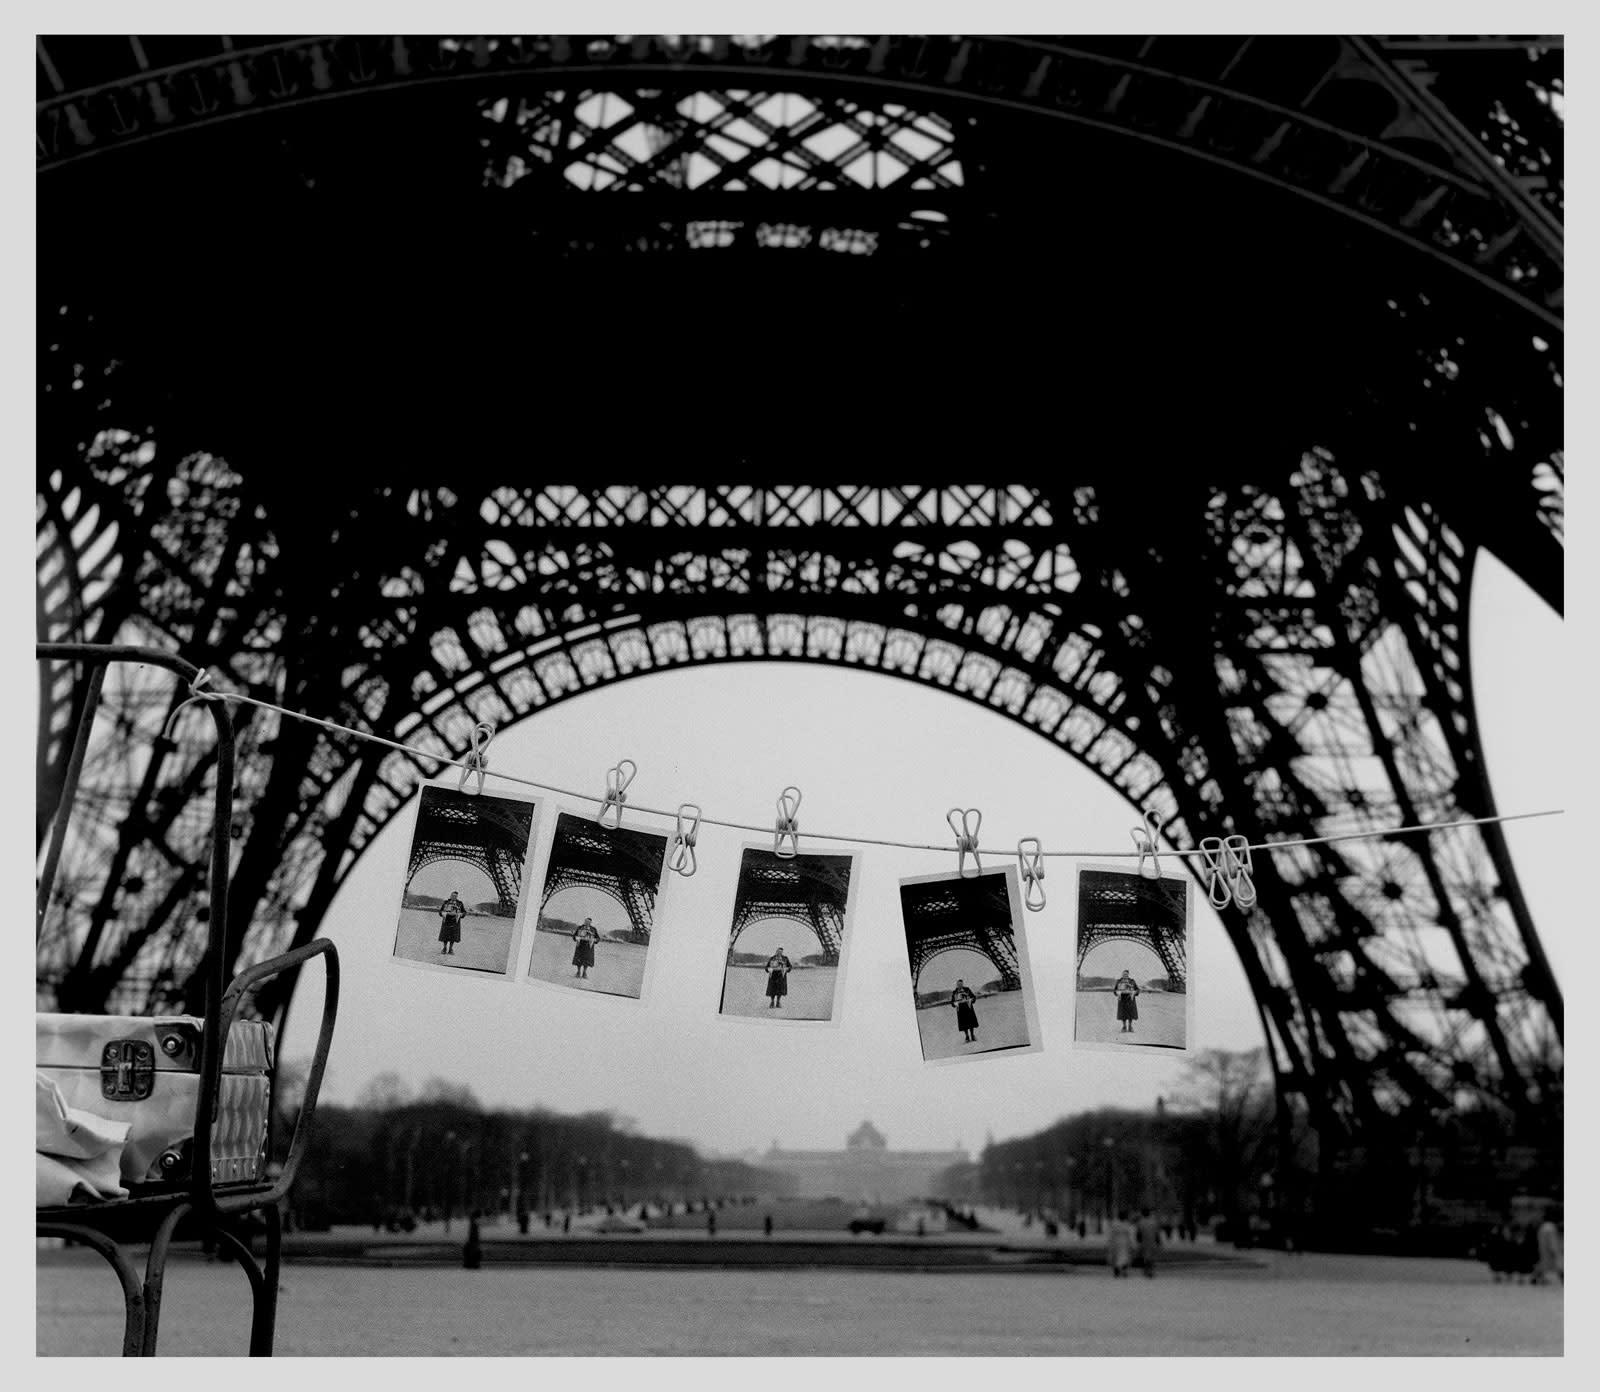 Sabine Weiss, Paris, 1955